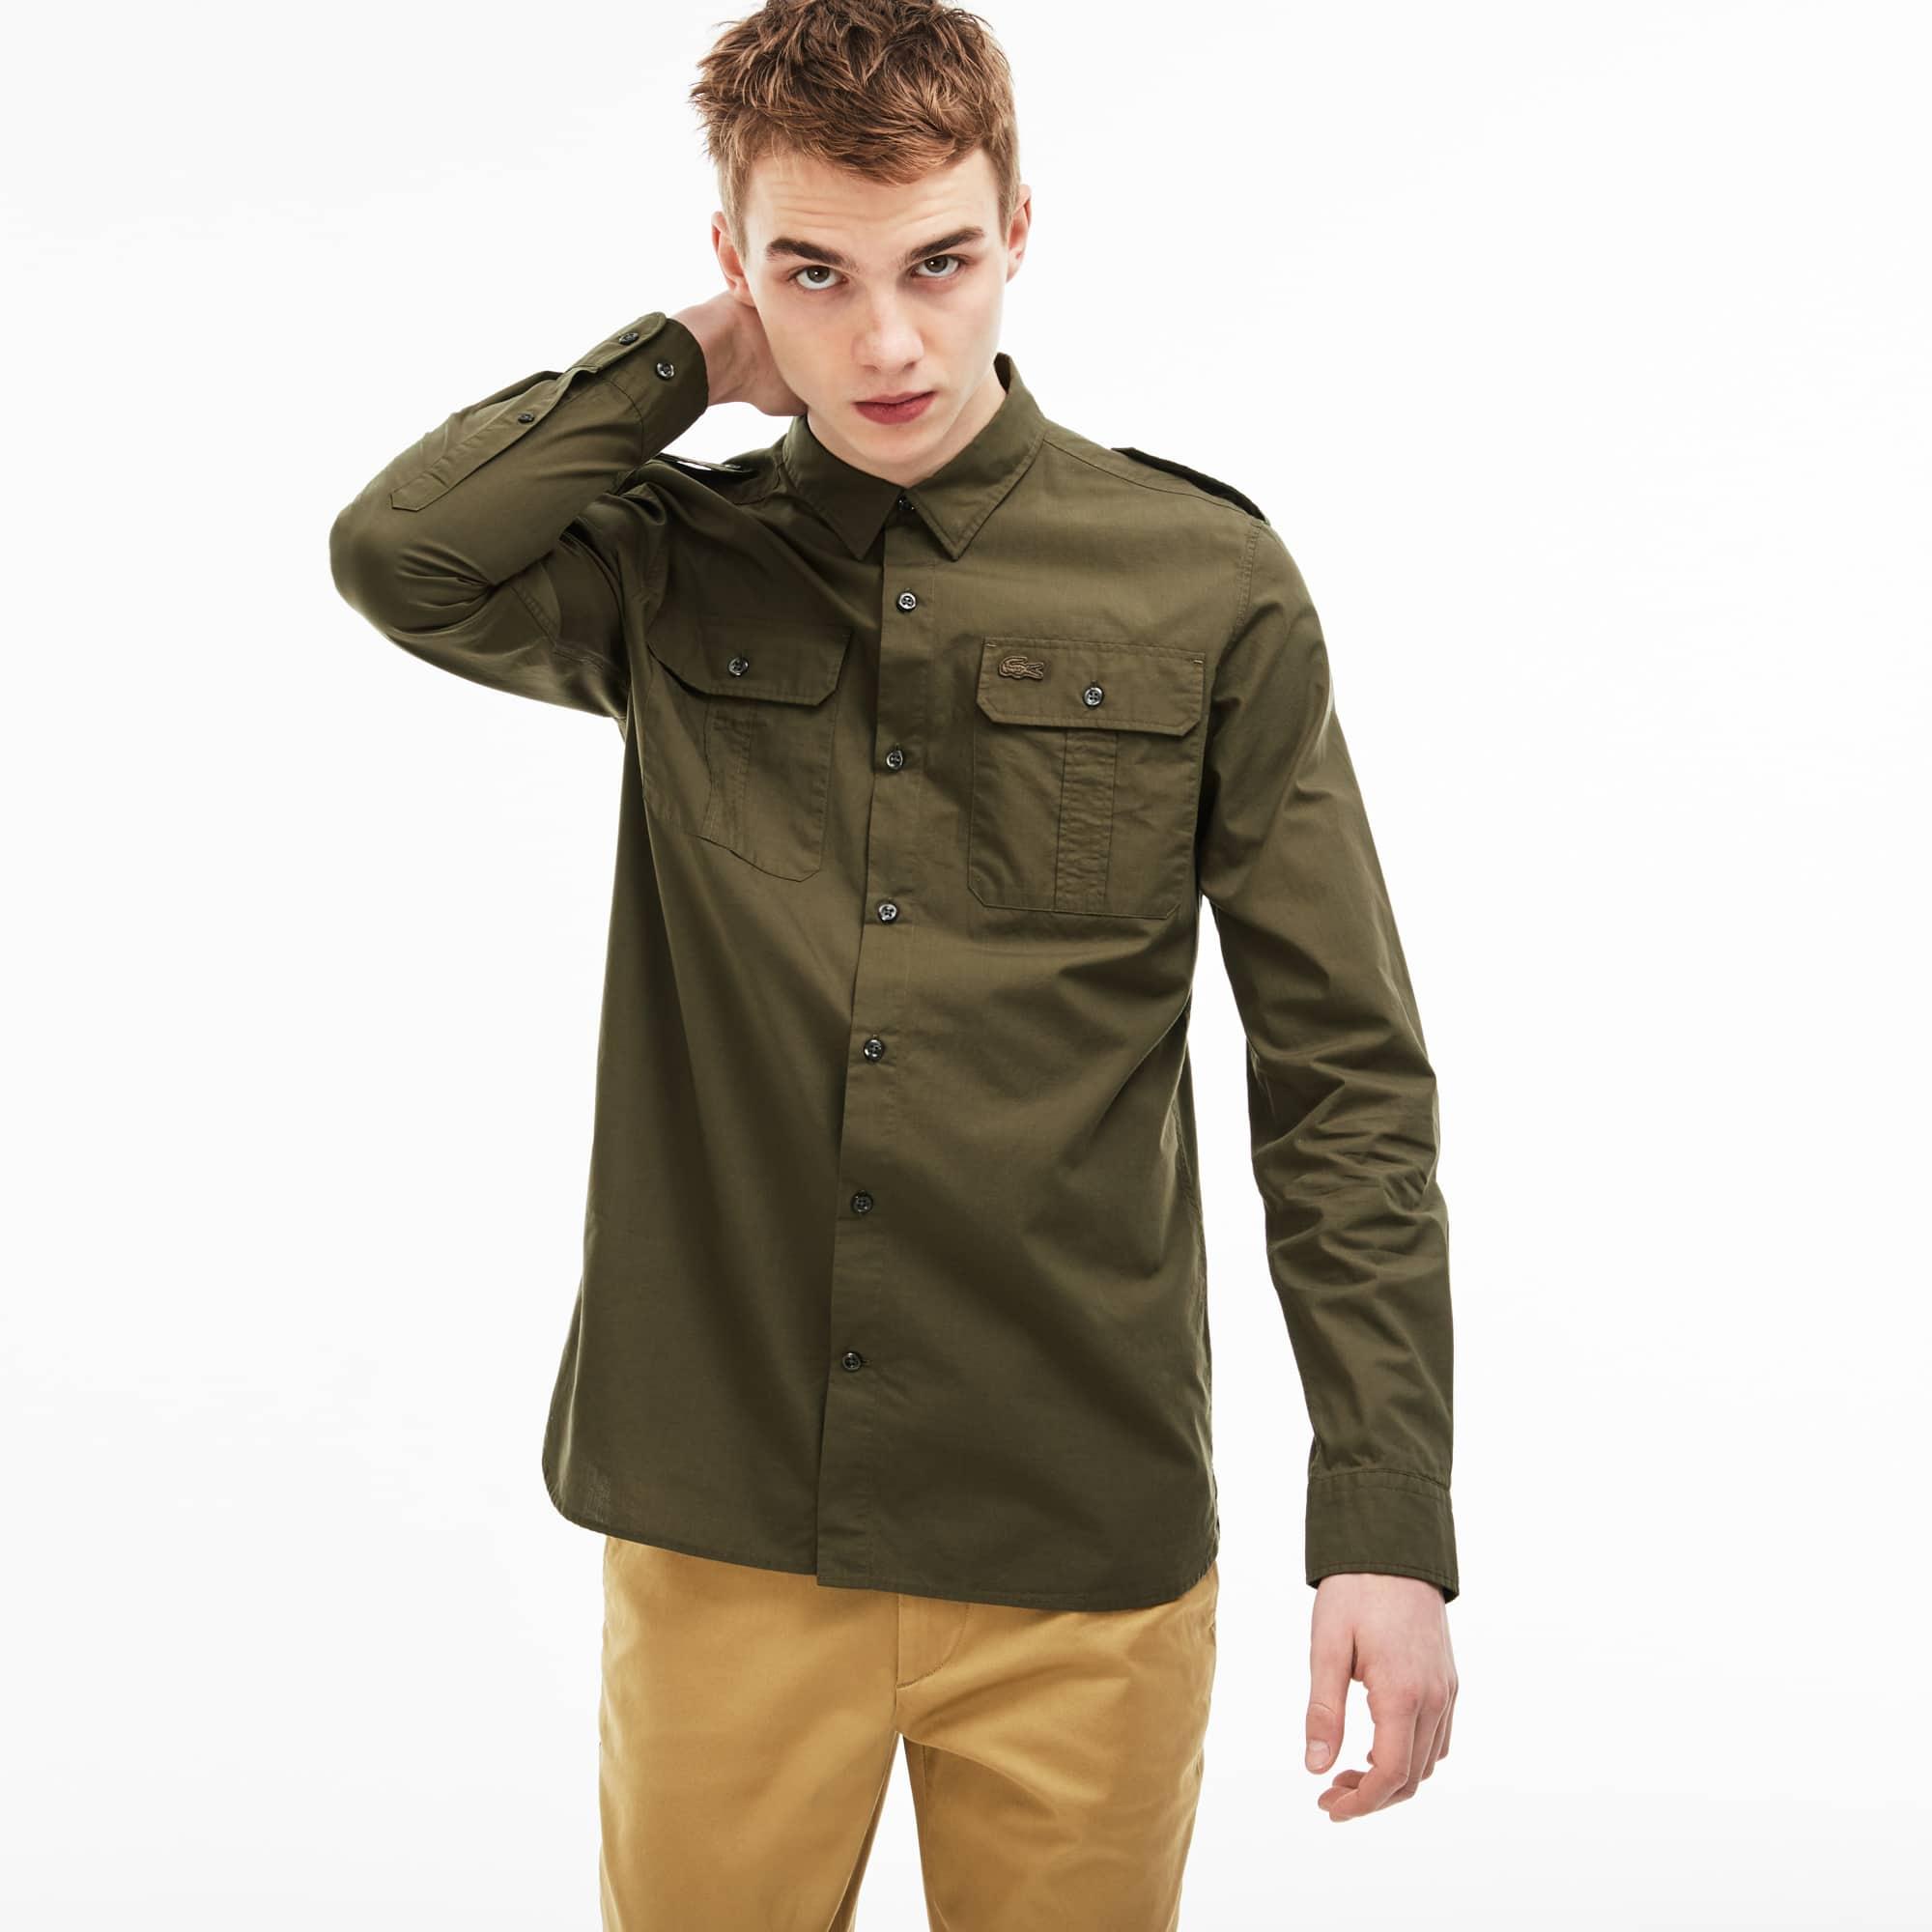 Slim Fit Herren-Hemd aus Popeline mit Taschen  LACOSTE L!VE